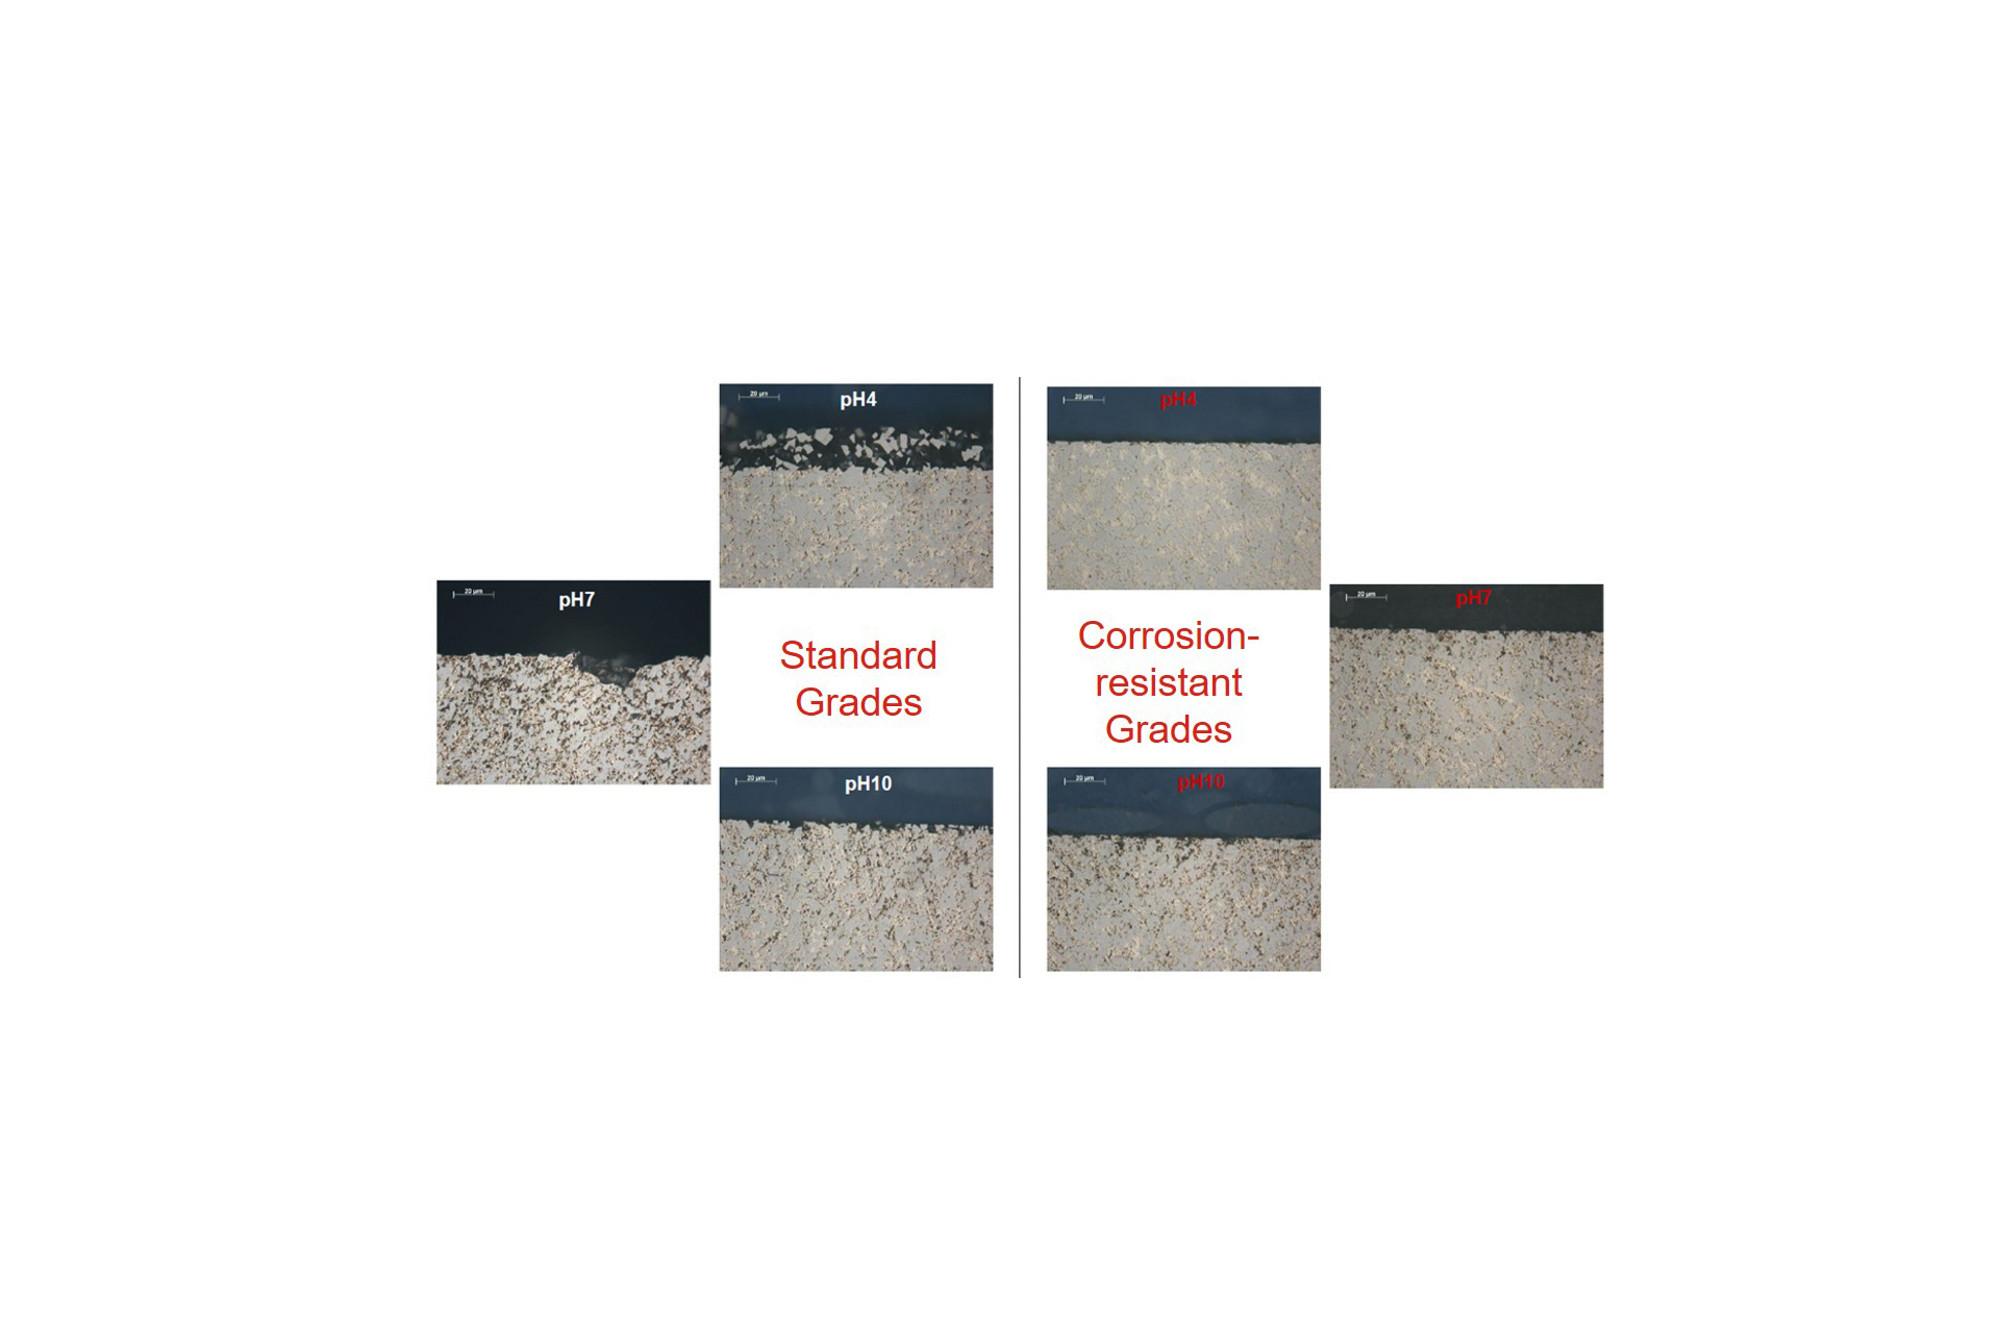 Comparison of standard grades and corrosion-resistant grades